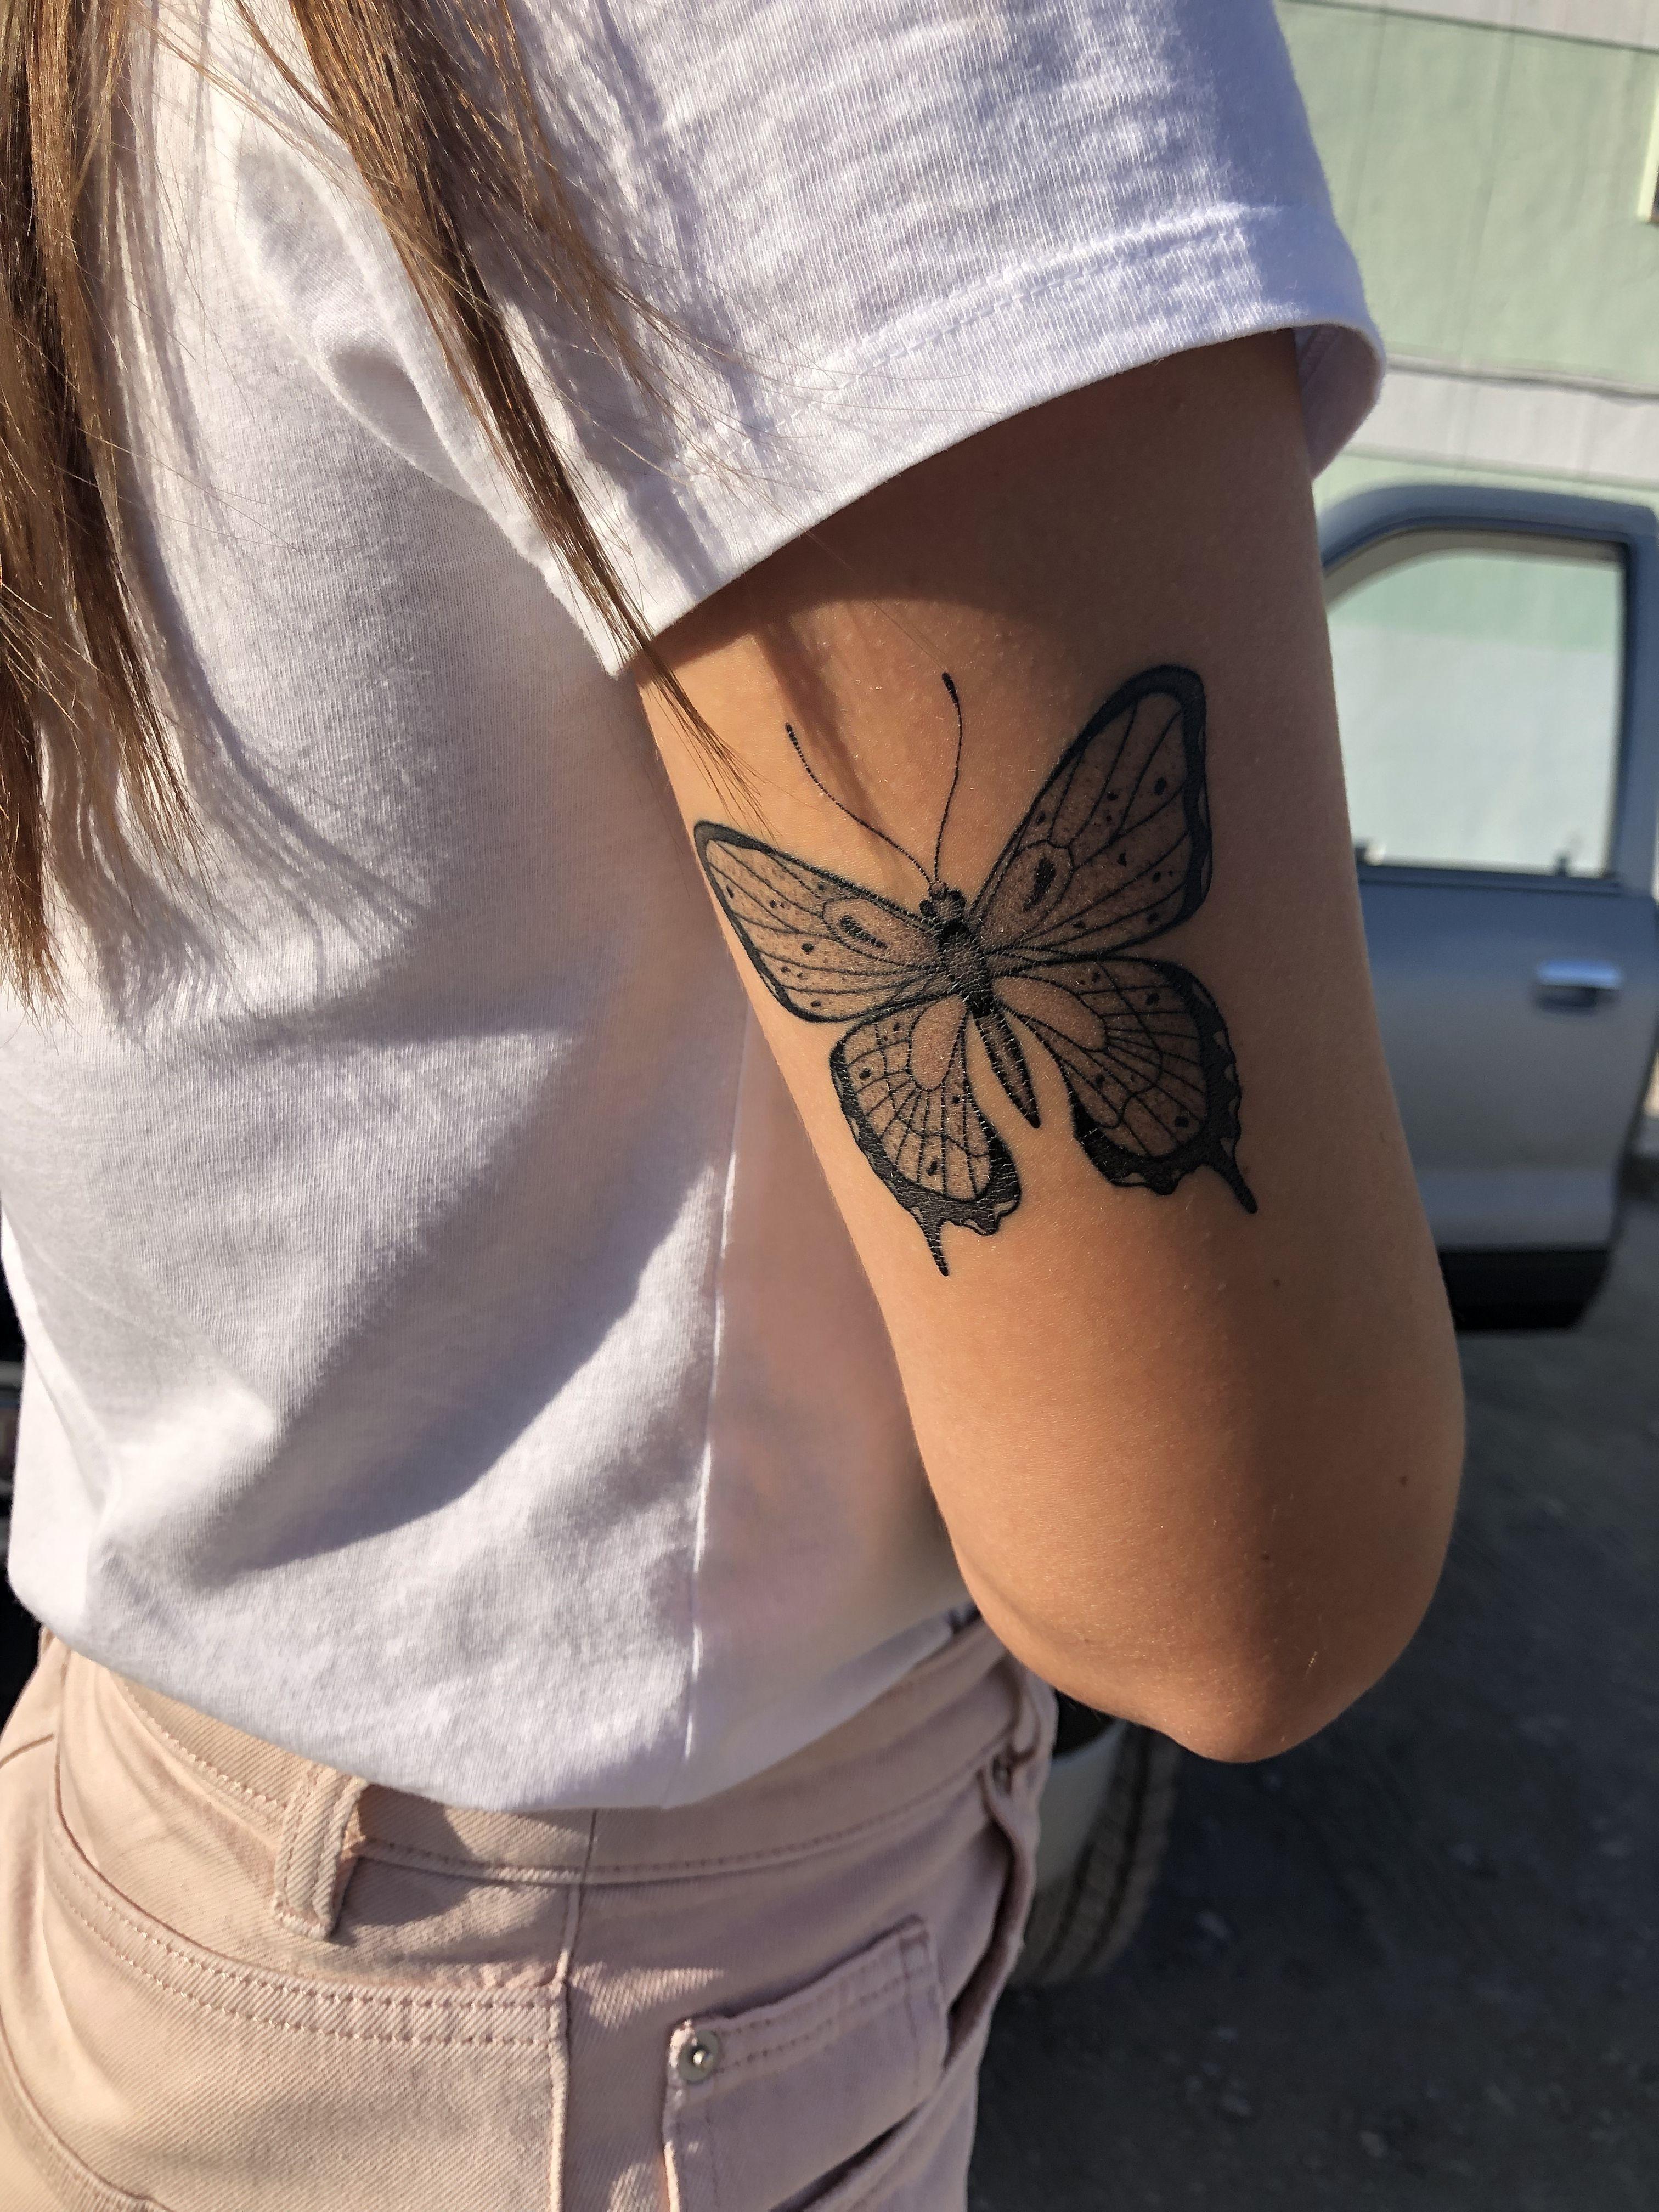 Butterflytattoo Disneytattoo Mandalatattoo Motherdaughtertattoo In 2020 Bein Tatowierungen Tatowierungen Piercing Tattoo